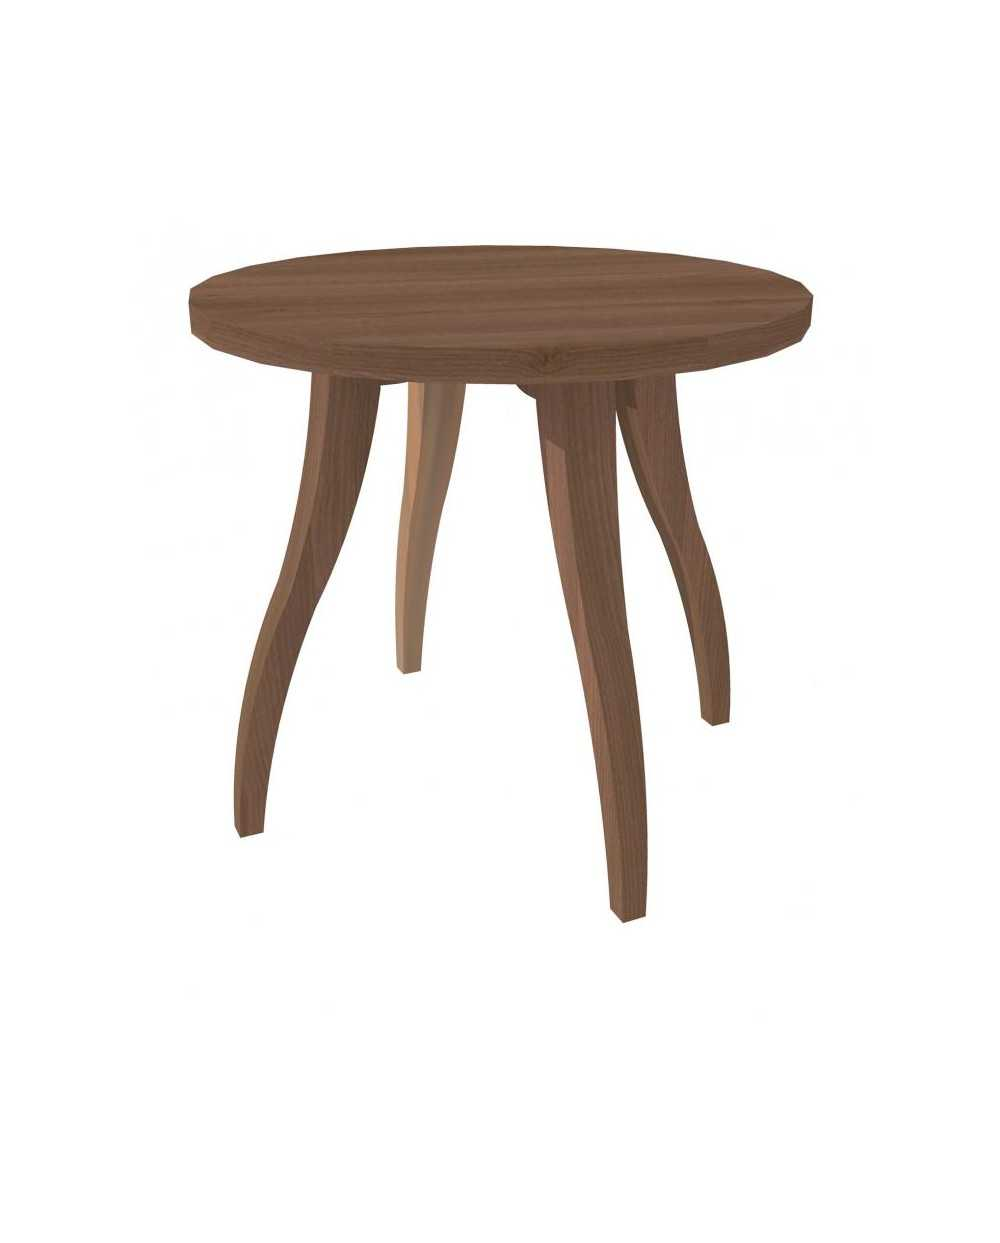 Table de salon Flex ronde, Æ 60 cm x 55 cm, noyer